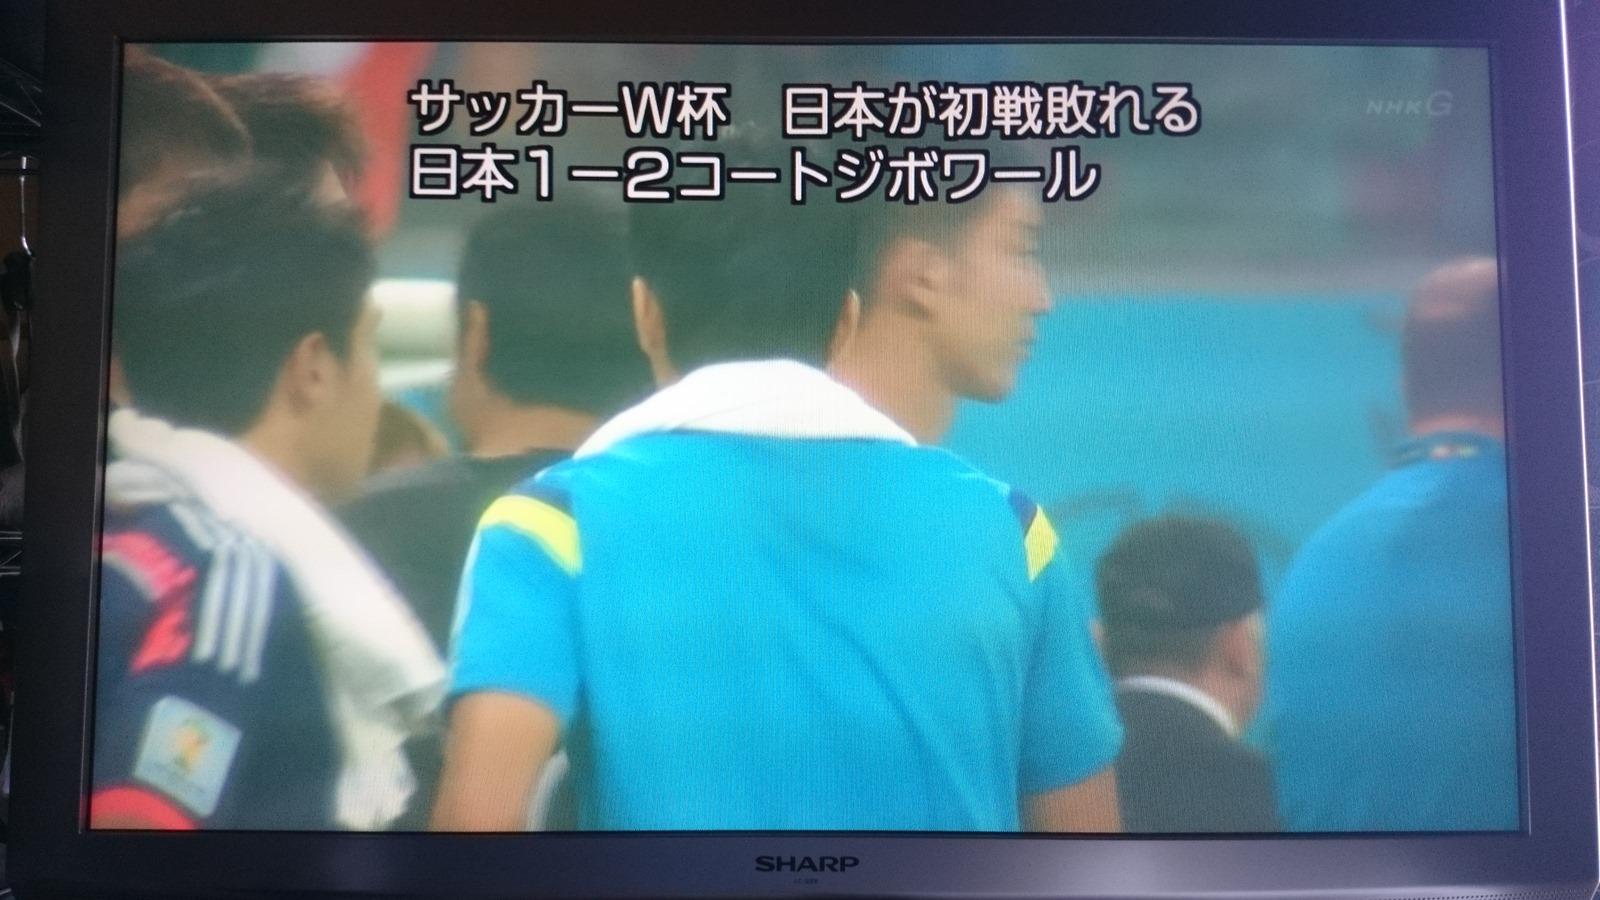 W杯2014ブラジル:予選リーグ第1戦:日本 vs コートジボワール